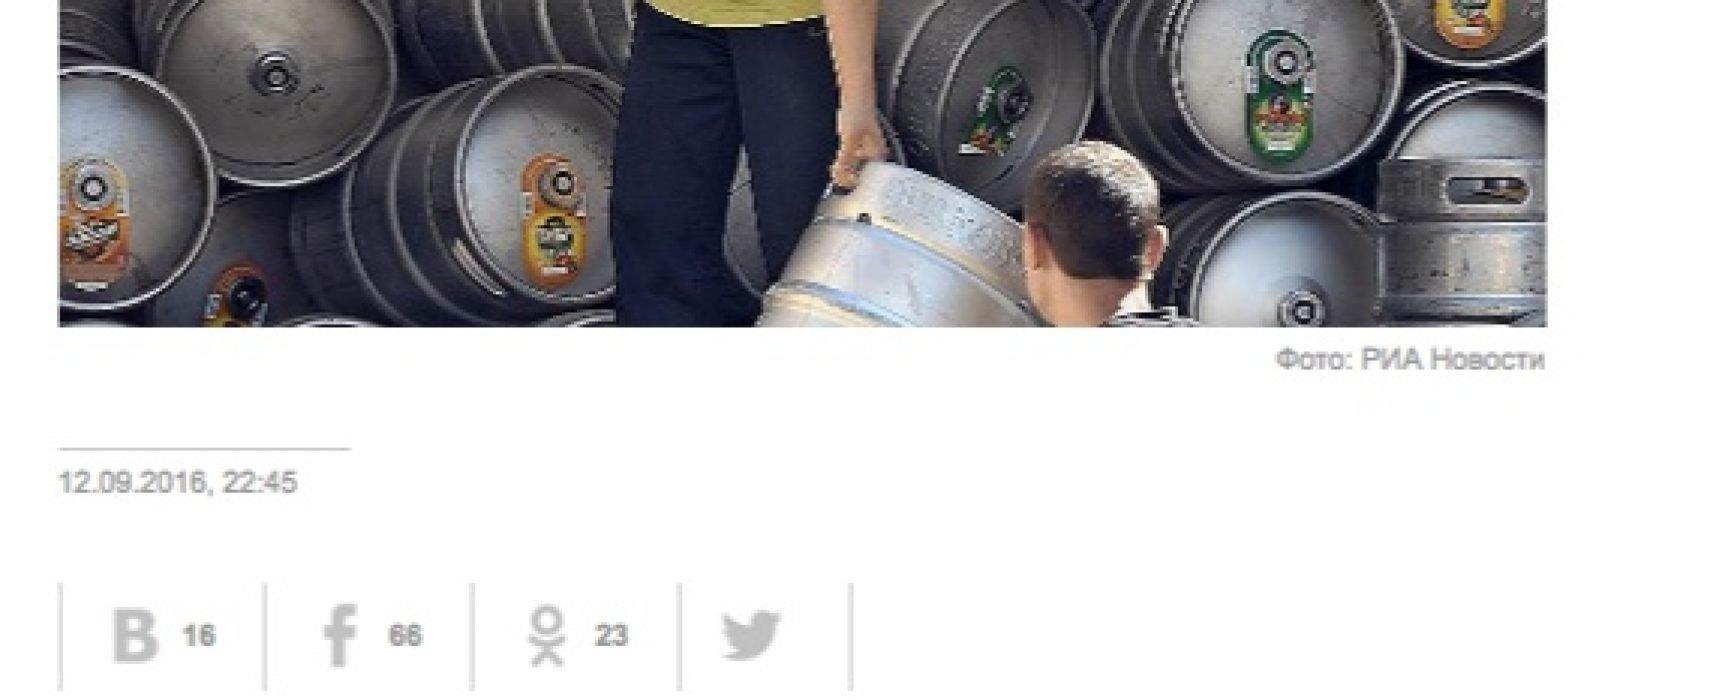 Фейк: Россия увеличила экспорт пива в Украину